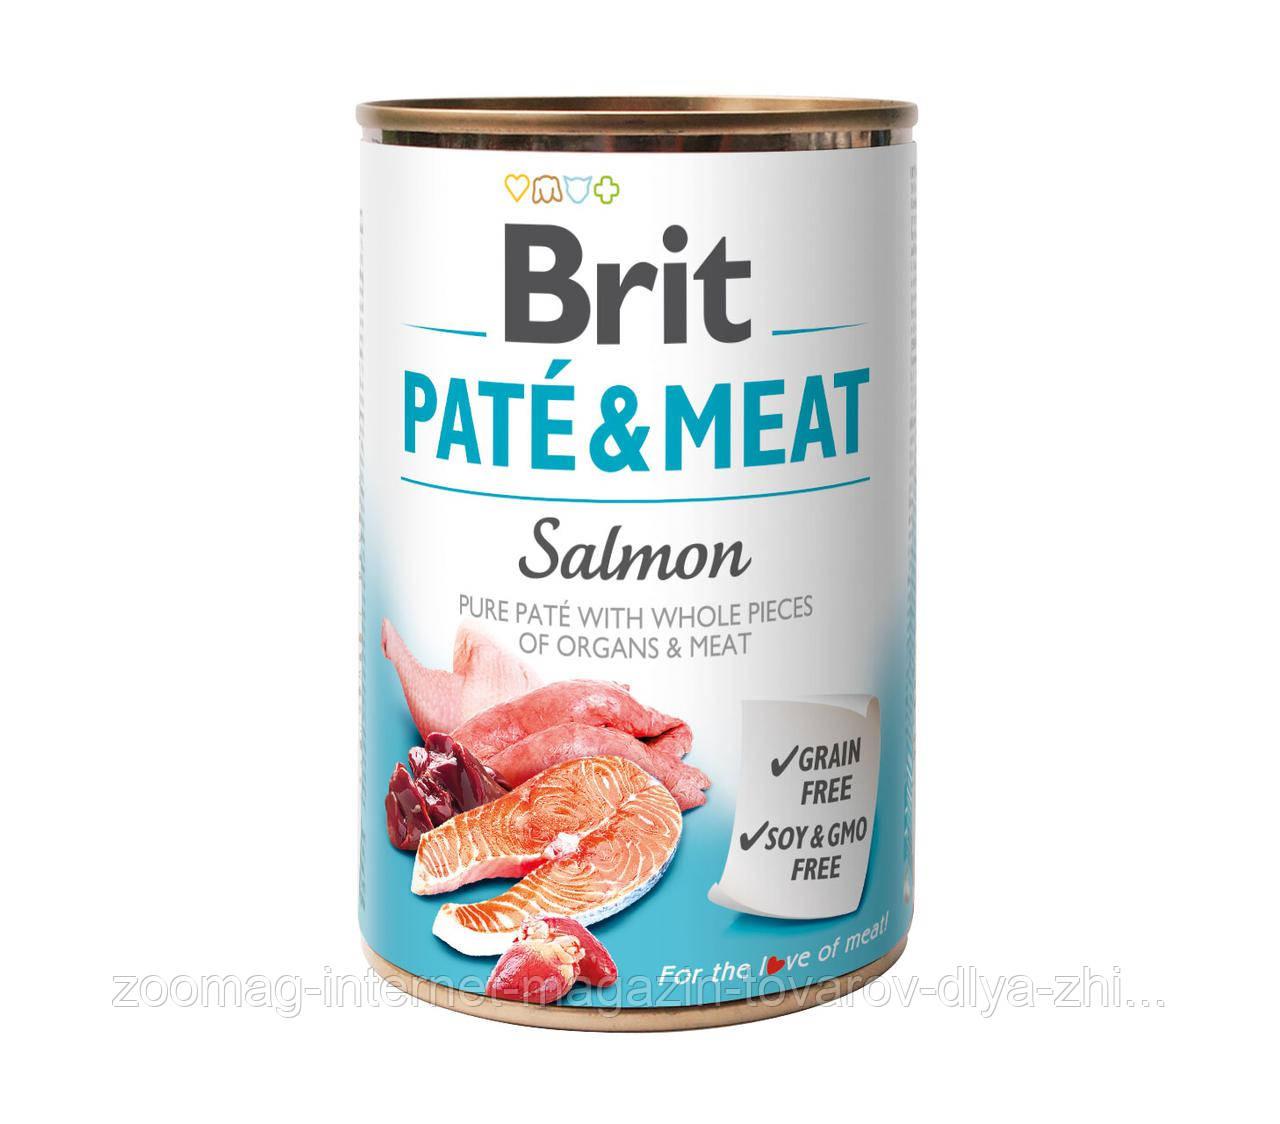 Влажный корм Brit Pate & Meat Salmon 11/9 (лосось для взрослых собак), 400 гр